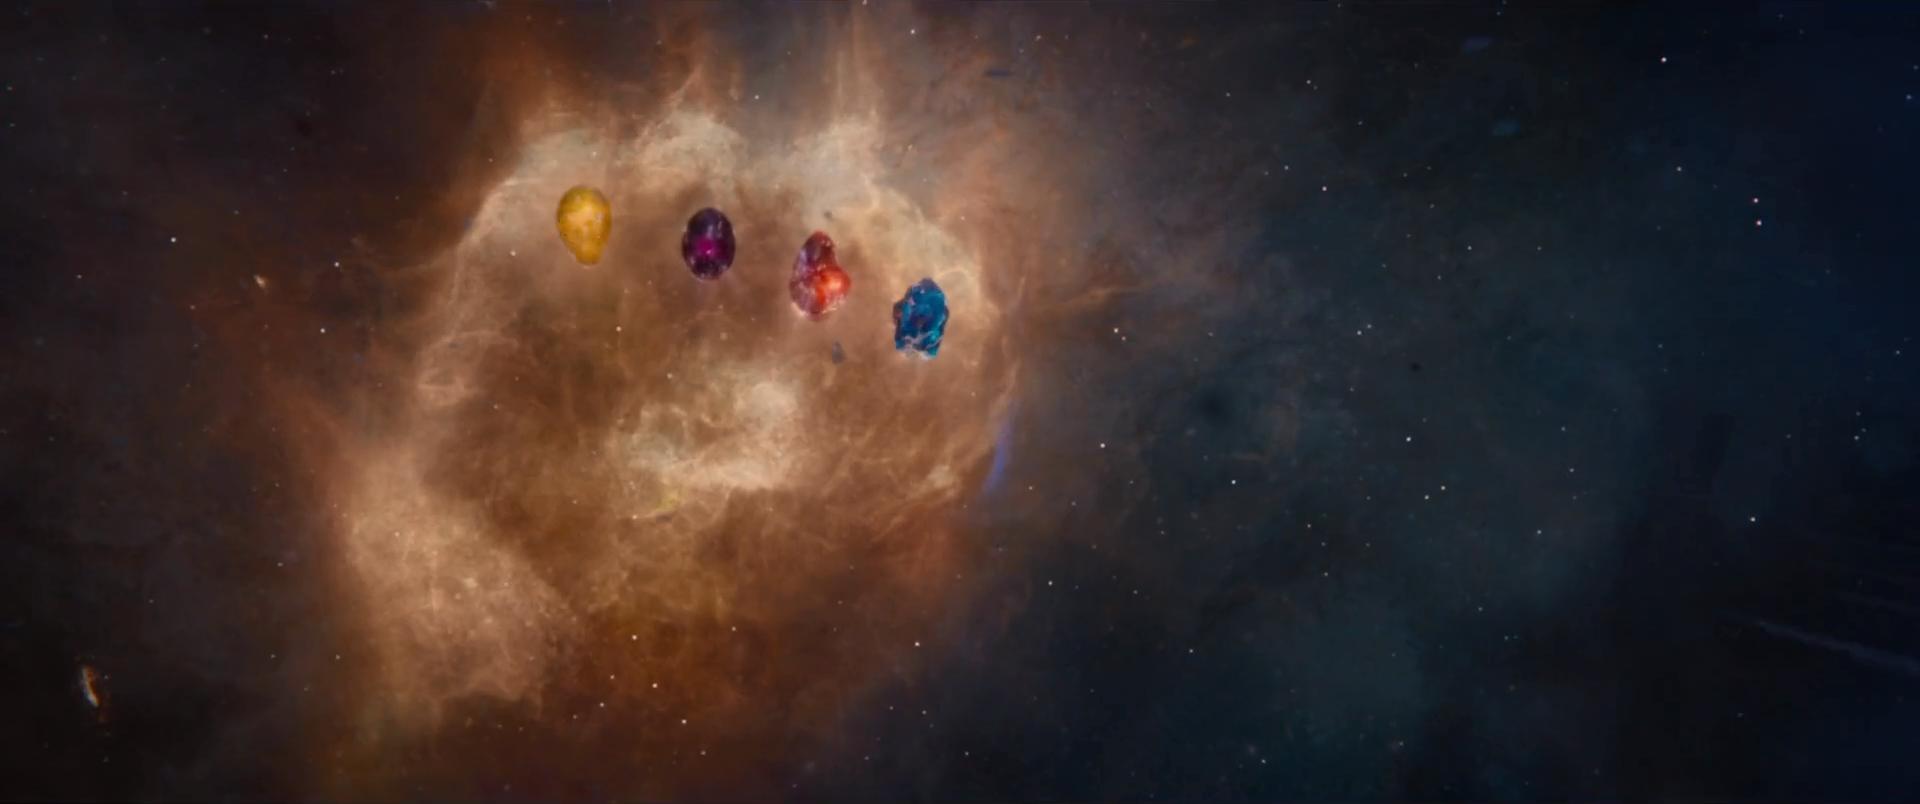 infinity stones infinity war thanos gauntlet